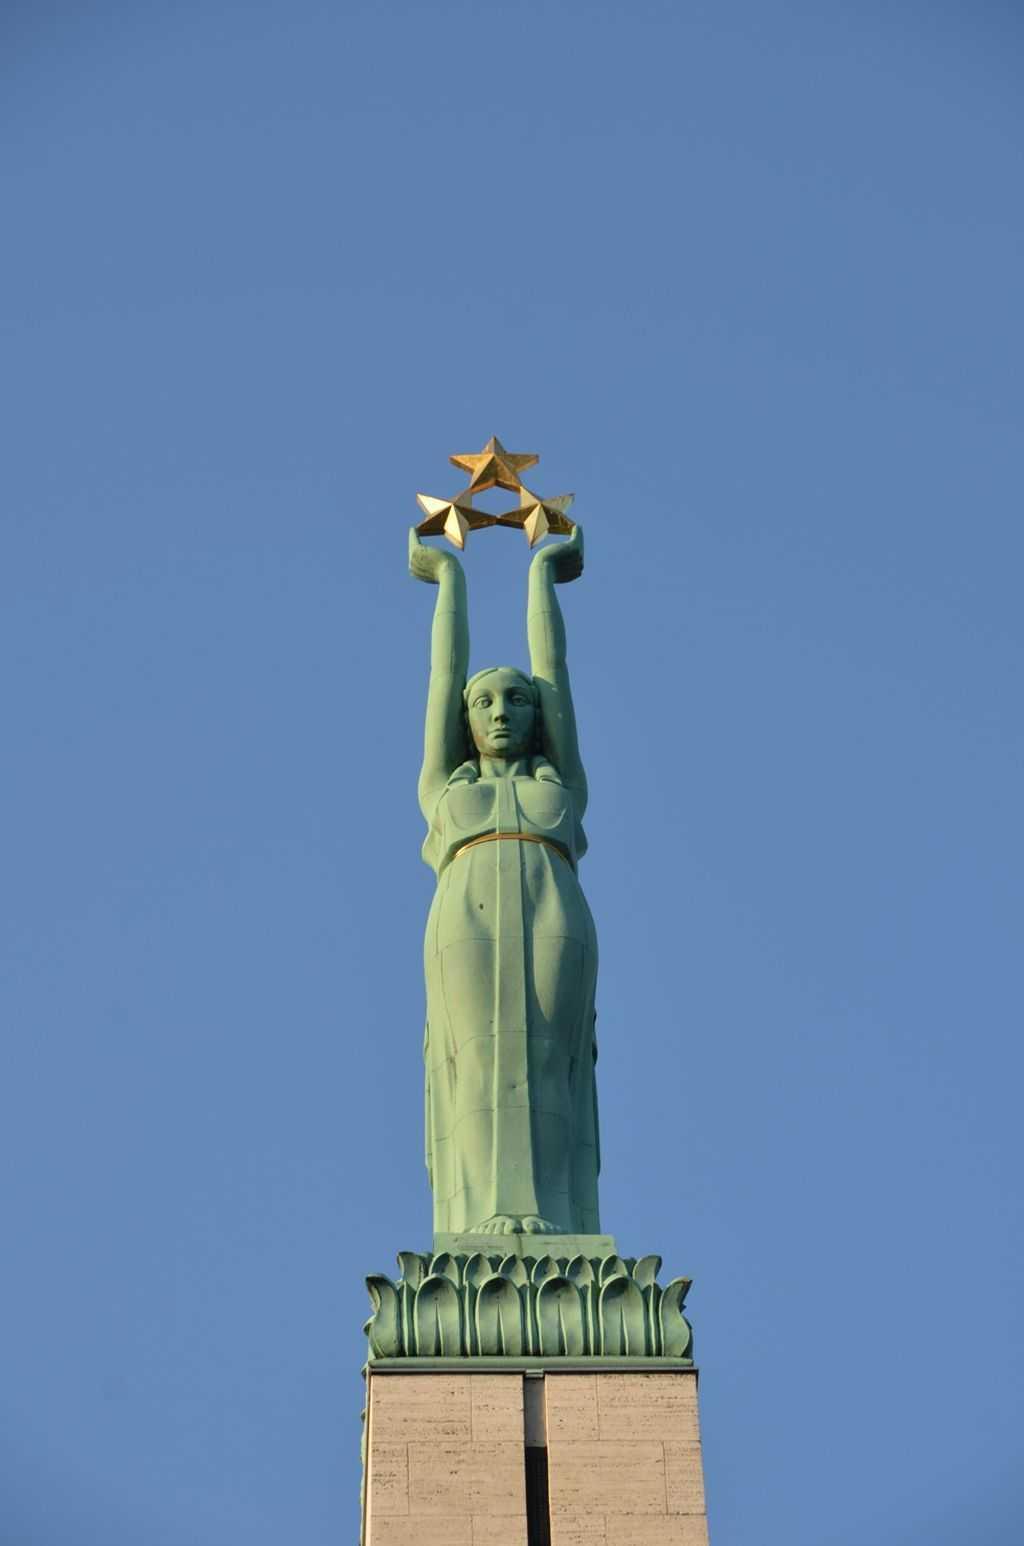 Özgürlük anıtında Milda olarak bilinen bu kadın heykeli üç altın yıldız taşıyor ve bunlar Letonya'nın üç kültürel bölgesini temsil ediyorlar. Kurzeme, Vidzeme ve Latgale. Sovyet döneminde yetkililer halka bu anıta çiçek koymayı yasaklamışlar ve biraz öteye Lenin heykeli yerleştirmişlerdi…